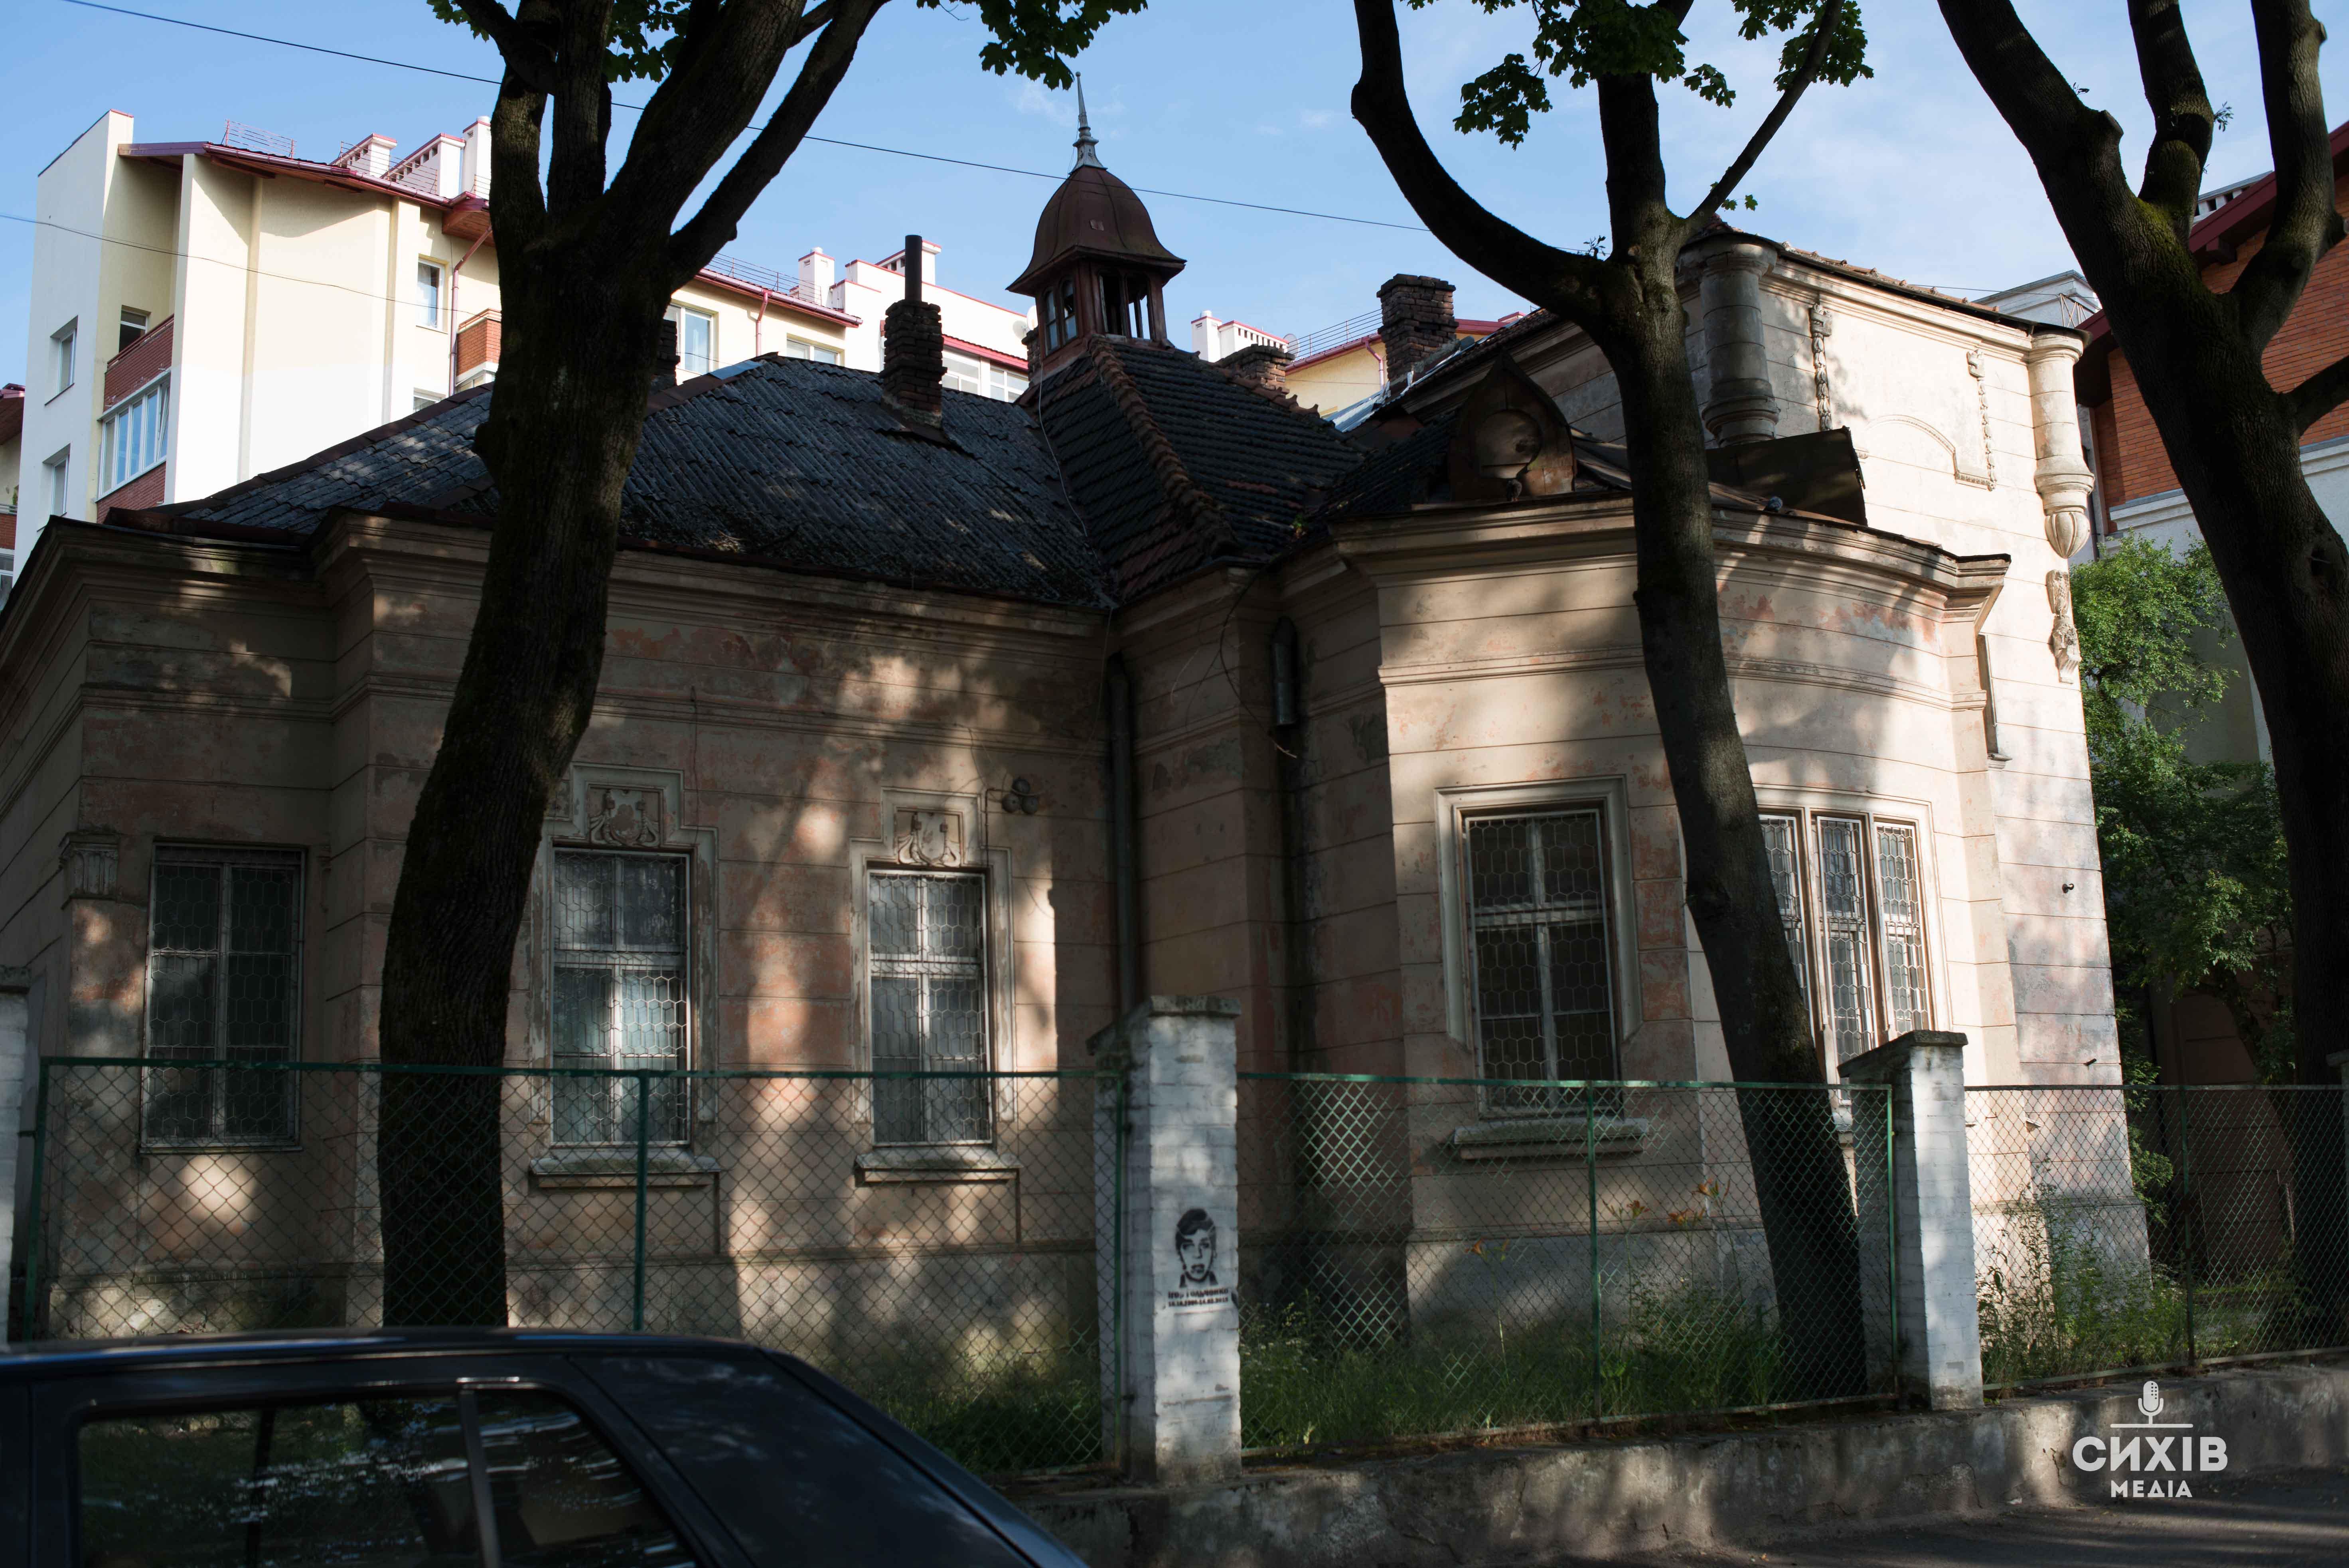 70-річна мешканка Львова купила історичну віллу на вулиці Тернопільскій за 5,7 млн гривень